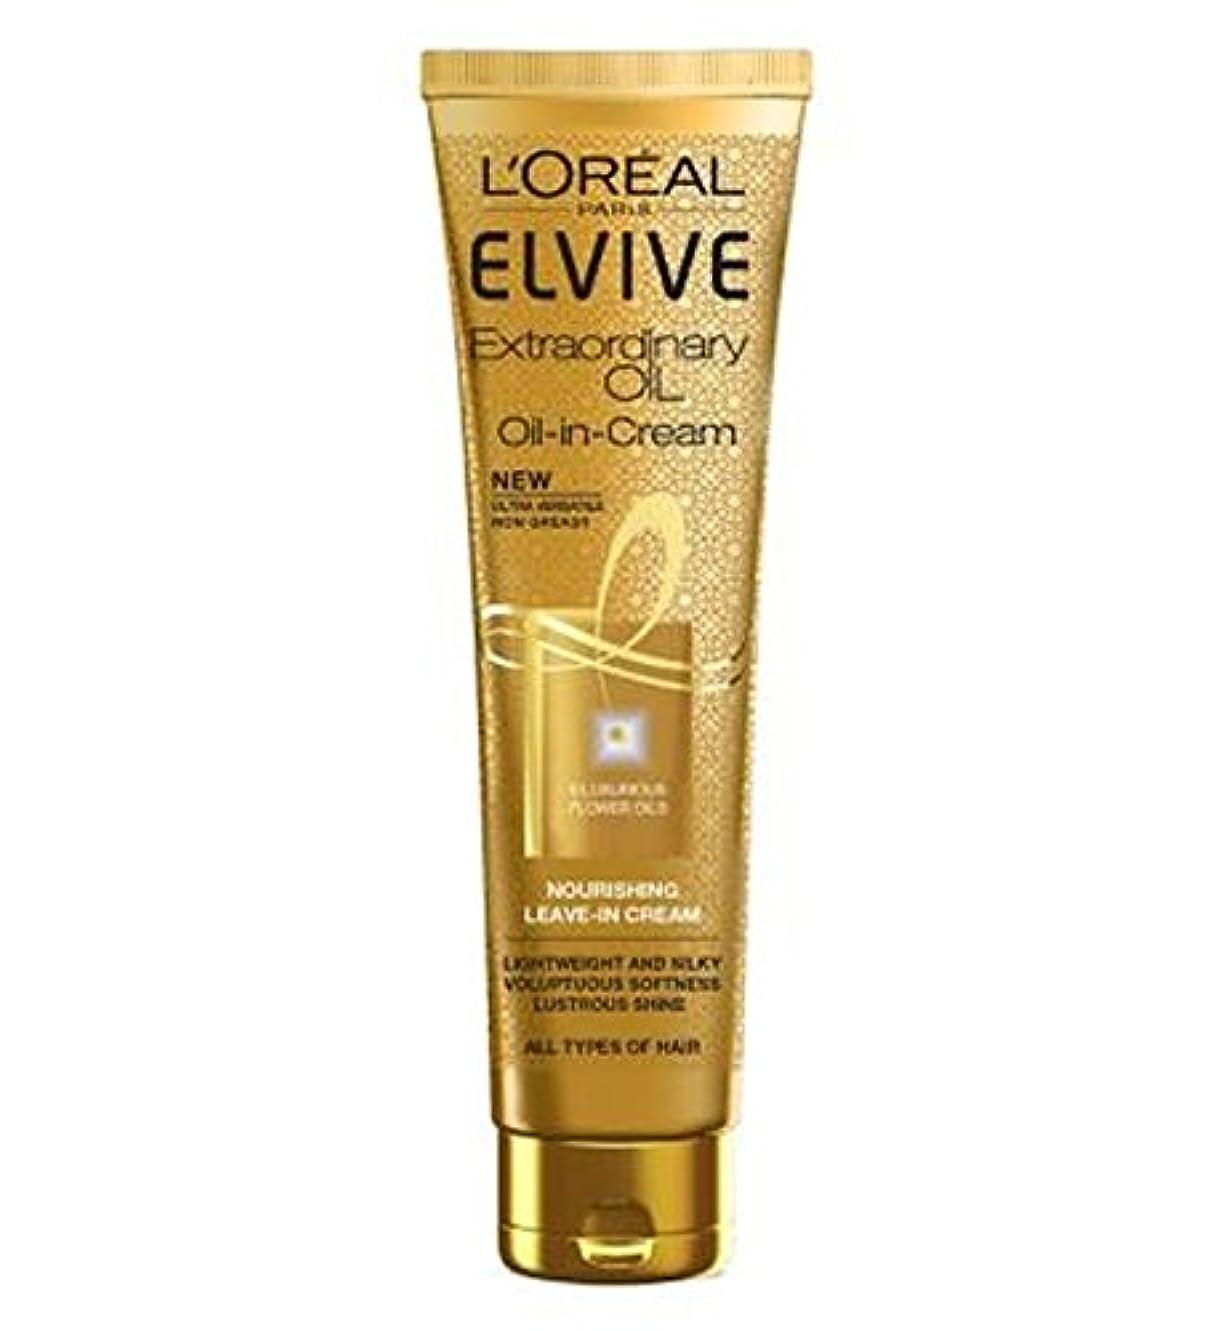 にはまってブラウズ寛大さすべての髪のタイプのクリームでロレアルパリElvive臨時オイル (L'Oreal) (x2) - L'Oreal Paris Elvive Extraordinary Oil in Cream All Hair Types...